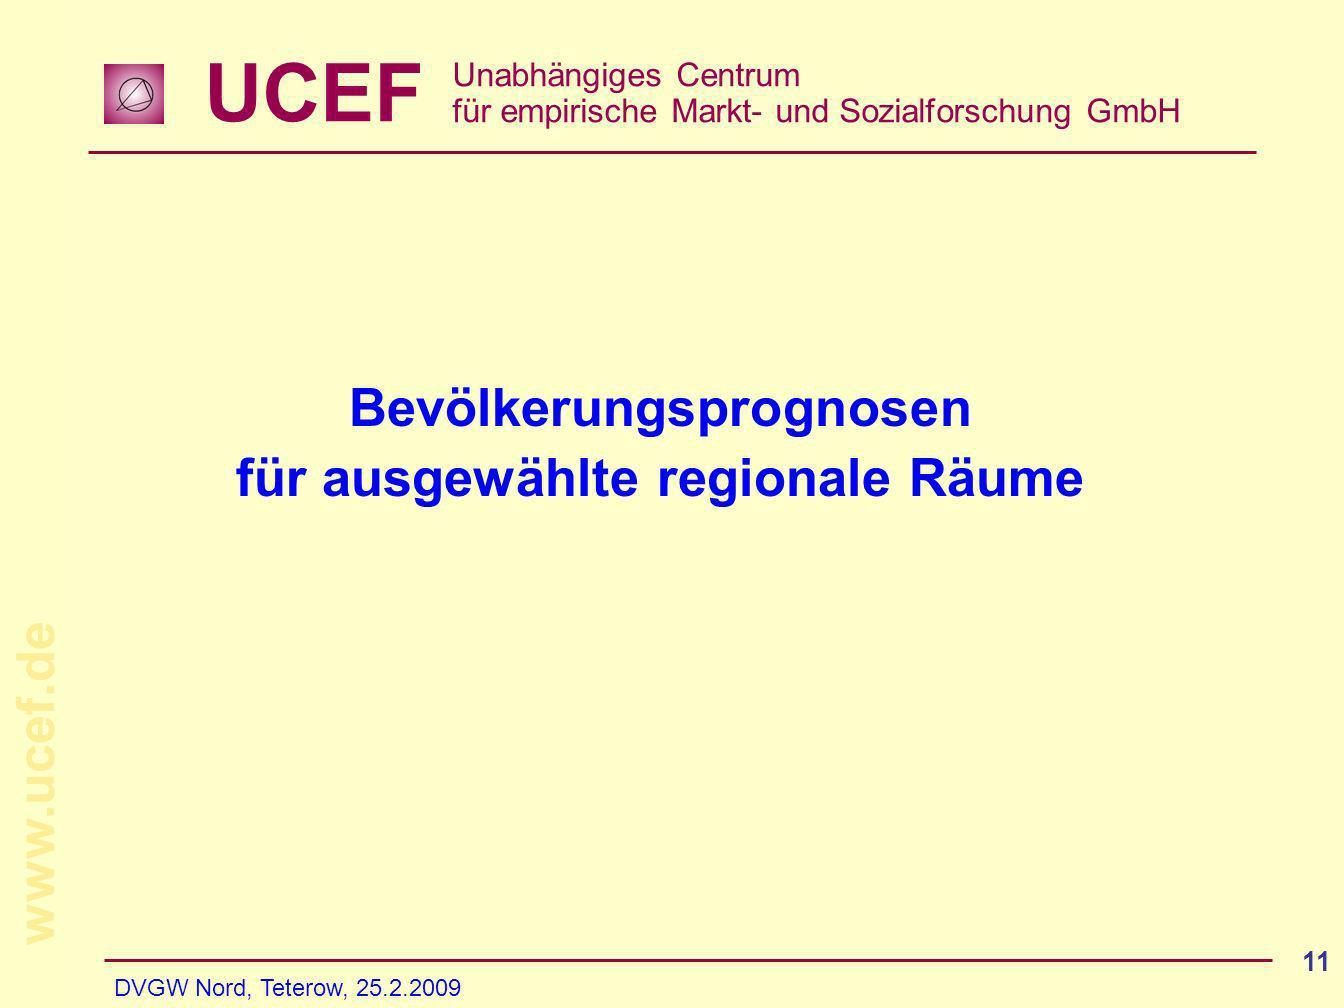 UCEF Unabhängiges Centrum für empirische Markt- und Sozialforschung GmbH www.ucef.de DVGW Nord, Teterow, 25.2.2009 11 Bevölkerungsprognosen für ausgew